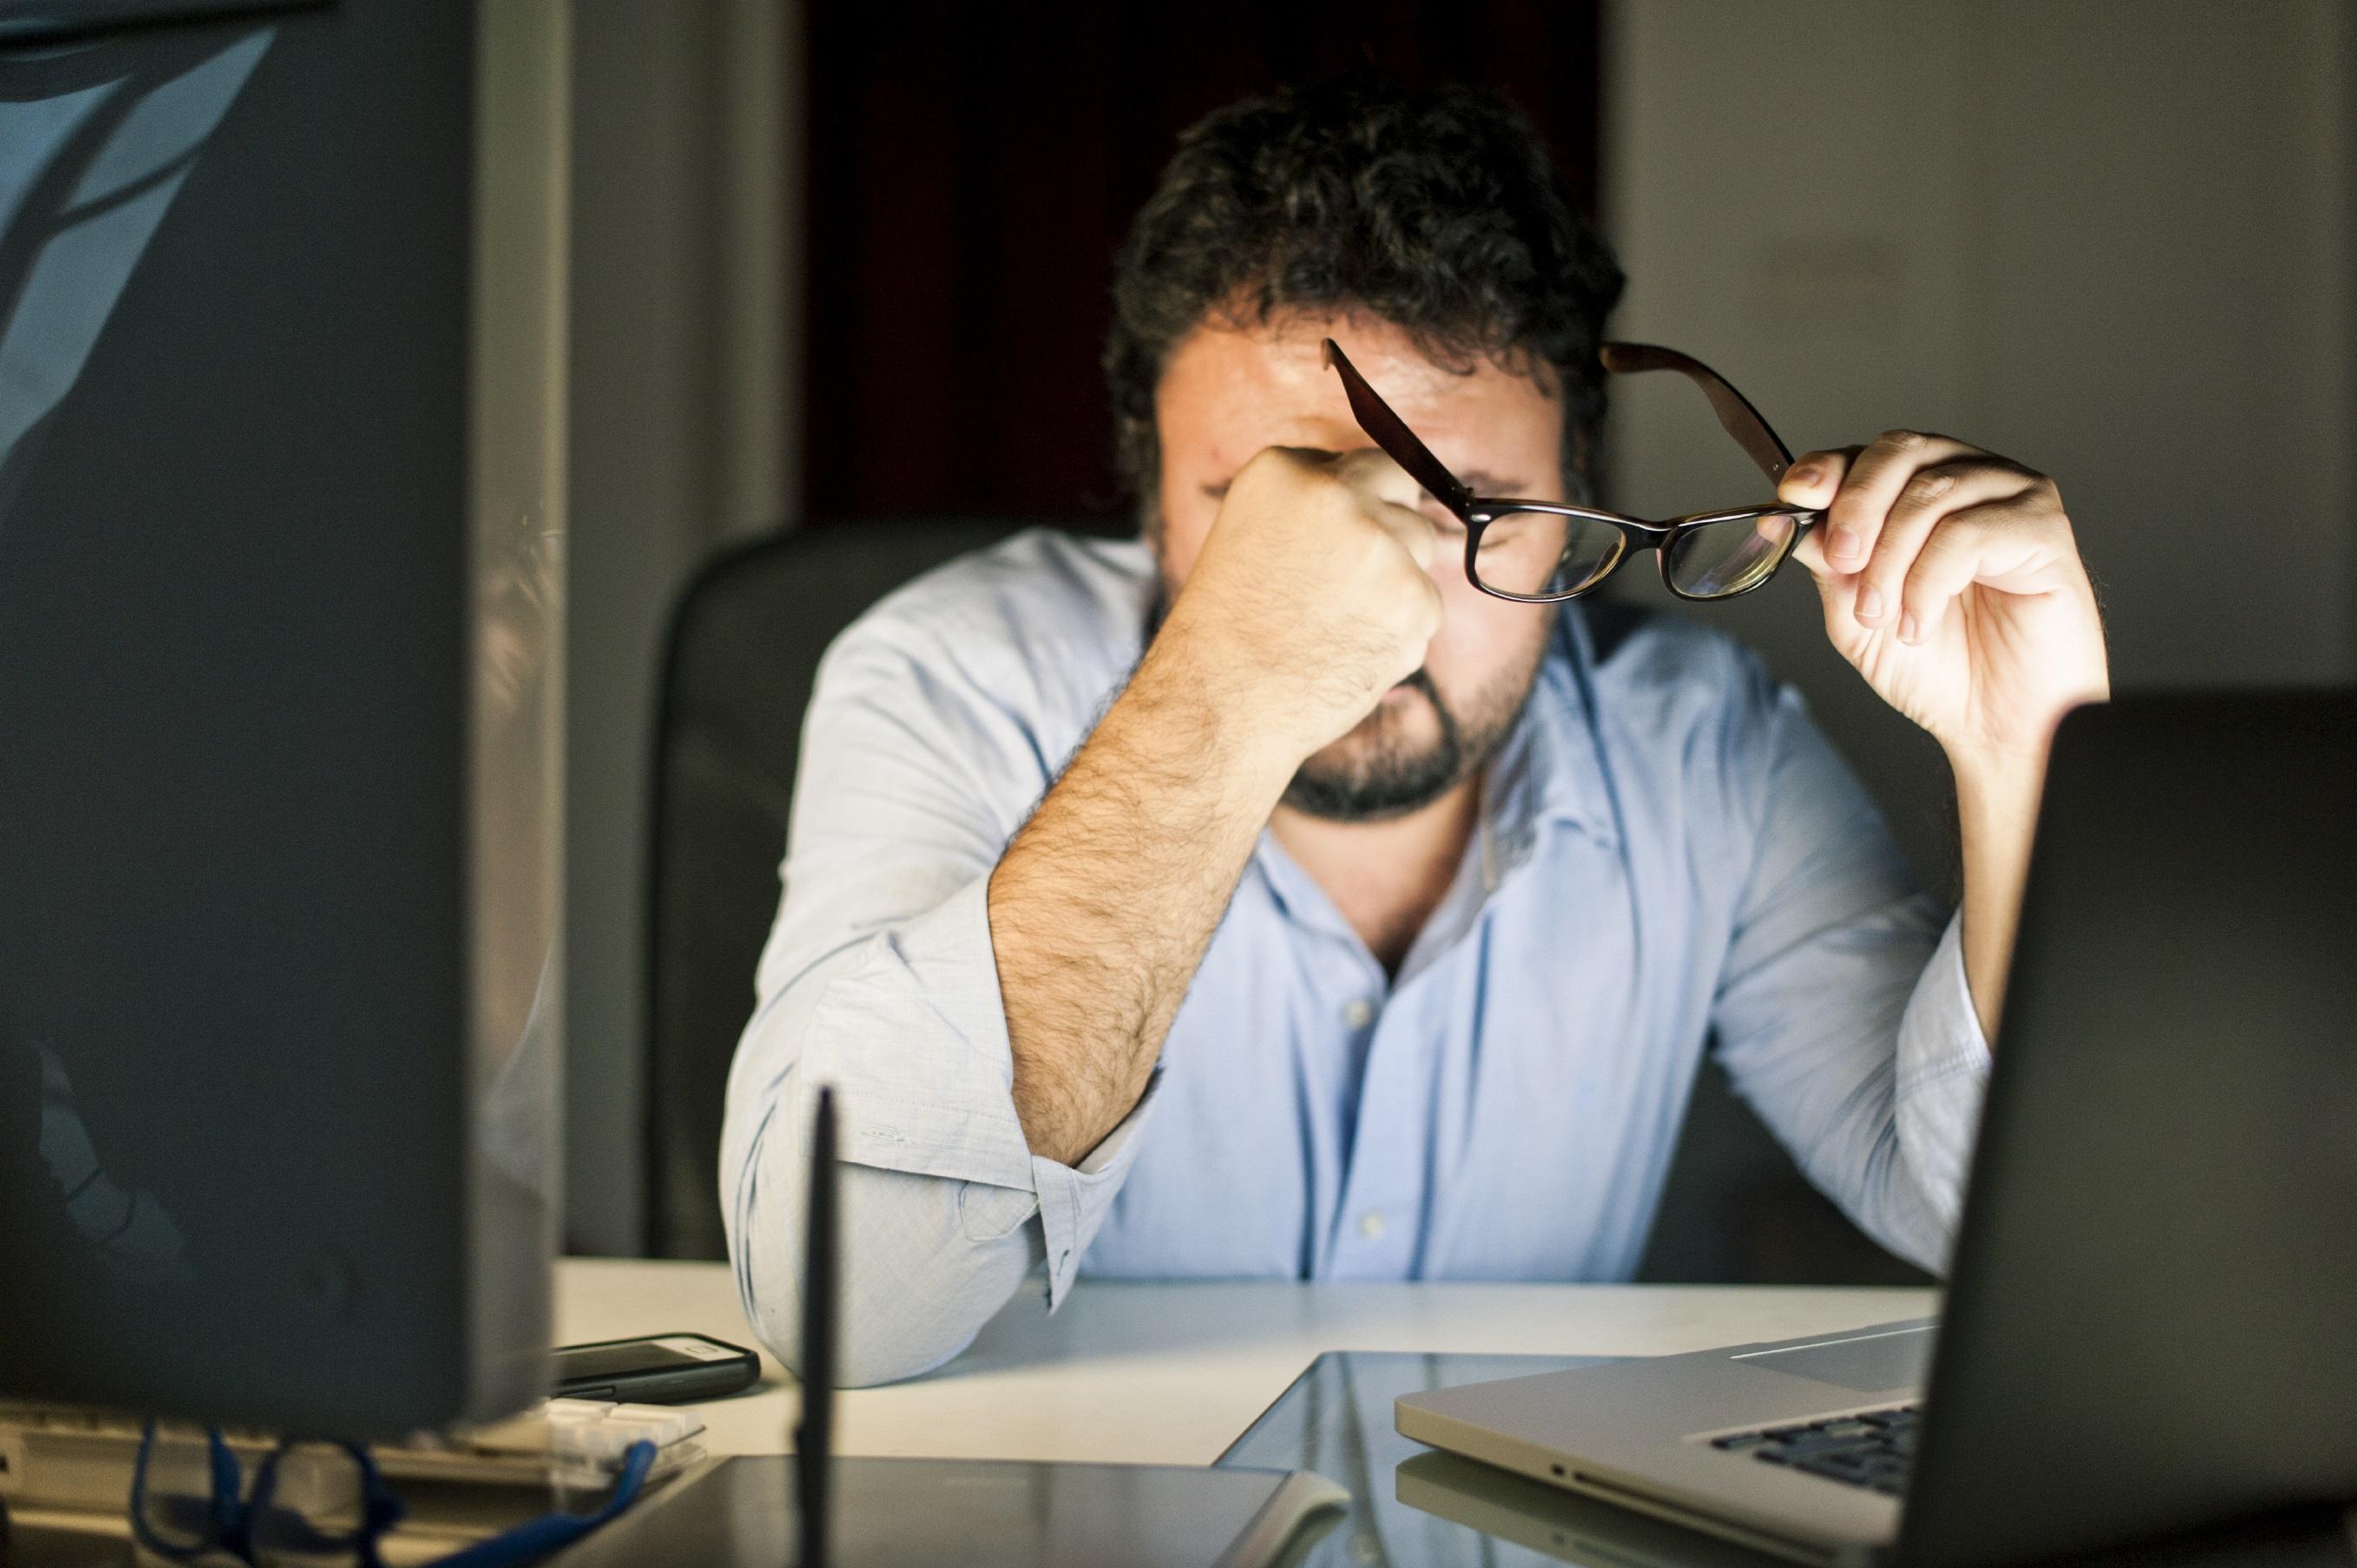 arbeitnehmerhaftung wie teure missgeschicke am arbeitsplatz versichert sind testsieger berichte - Arbeitnehmerhaftung Beispiele